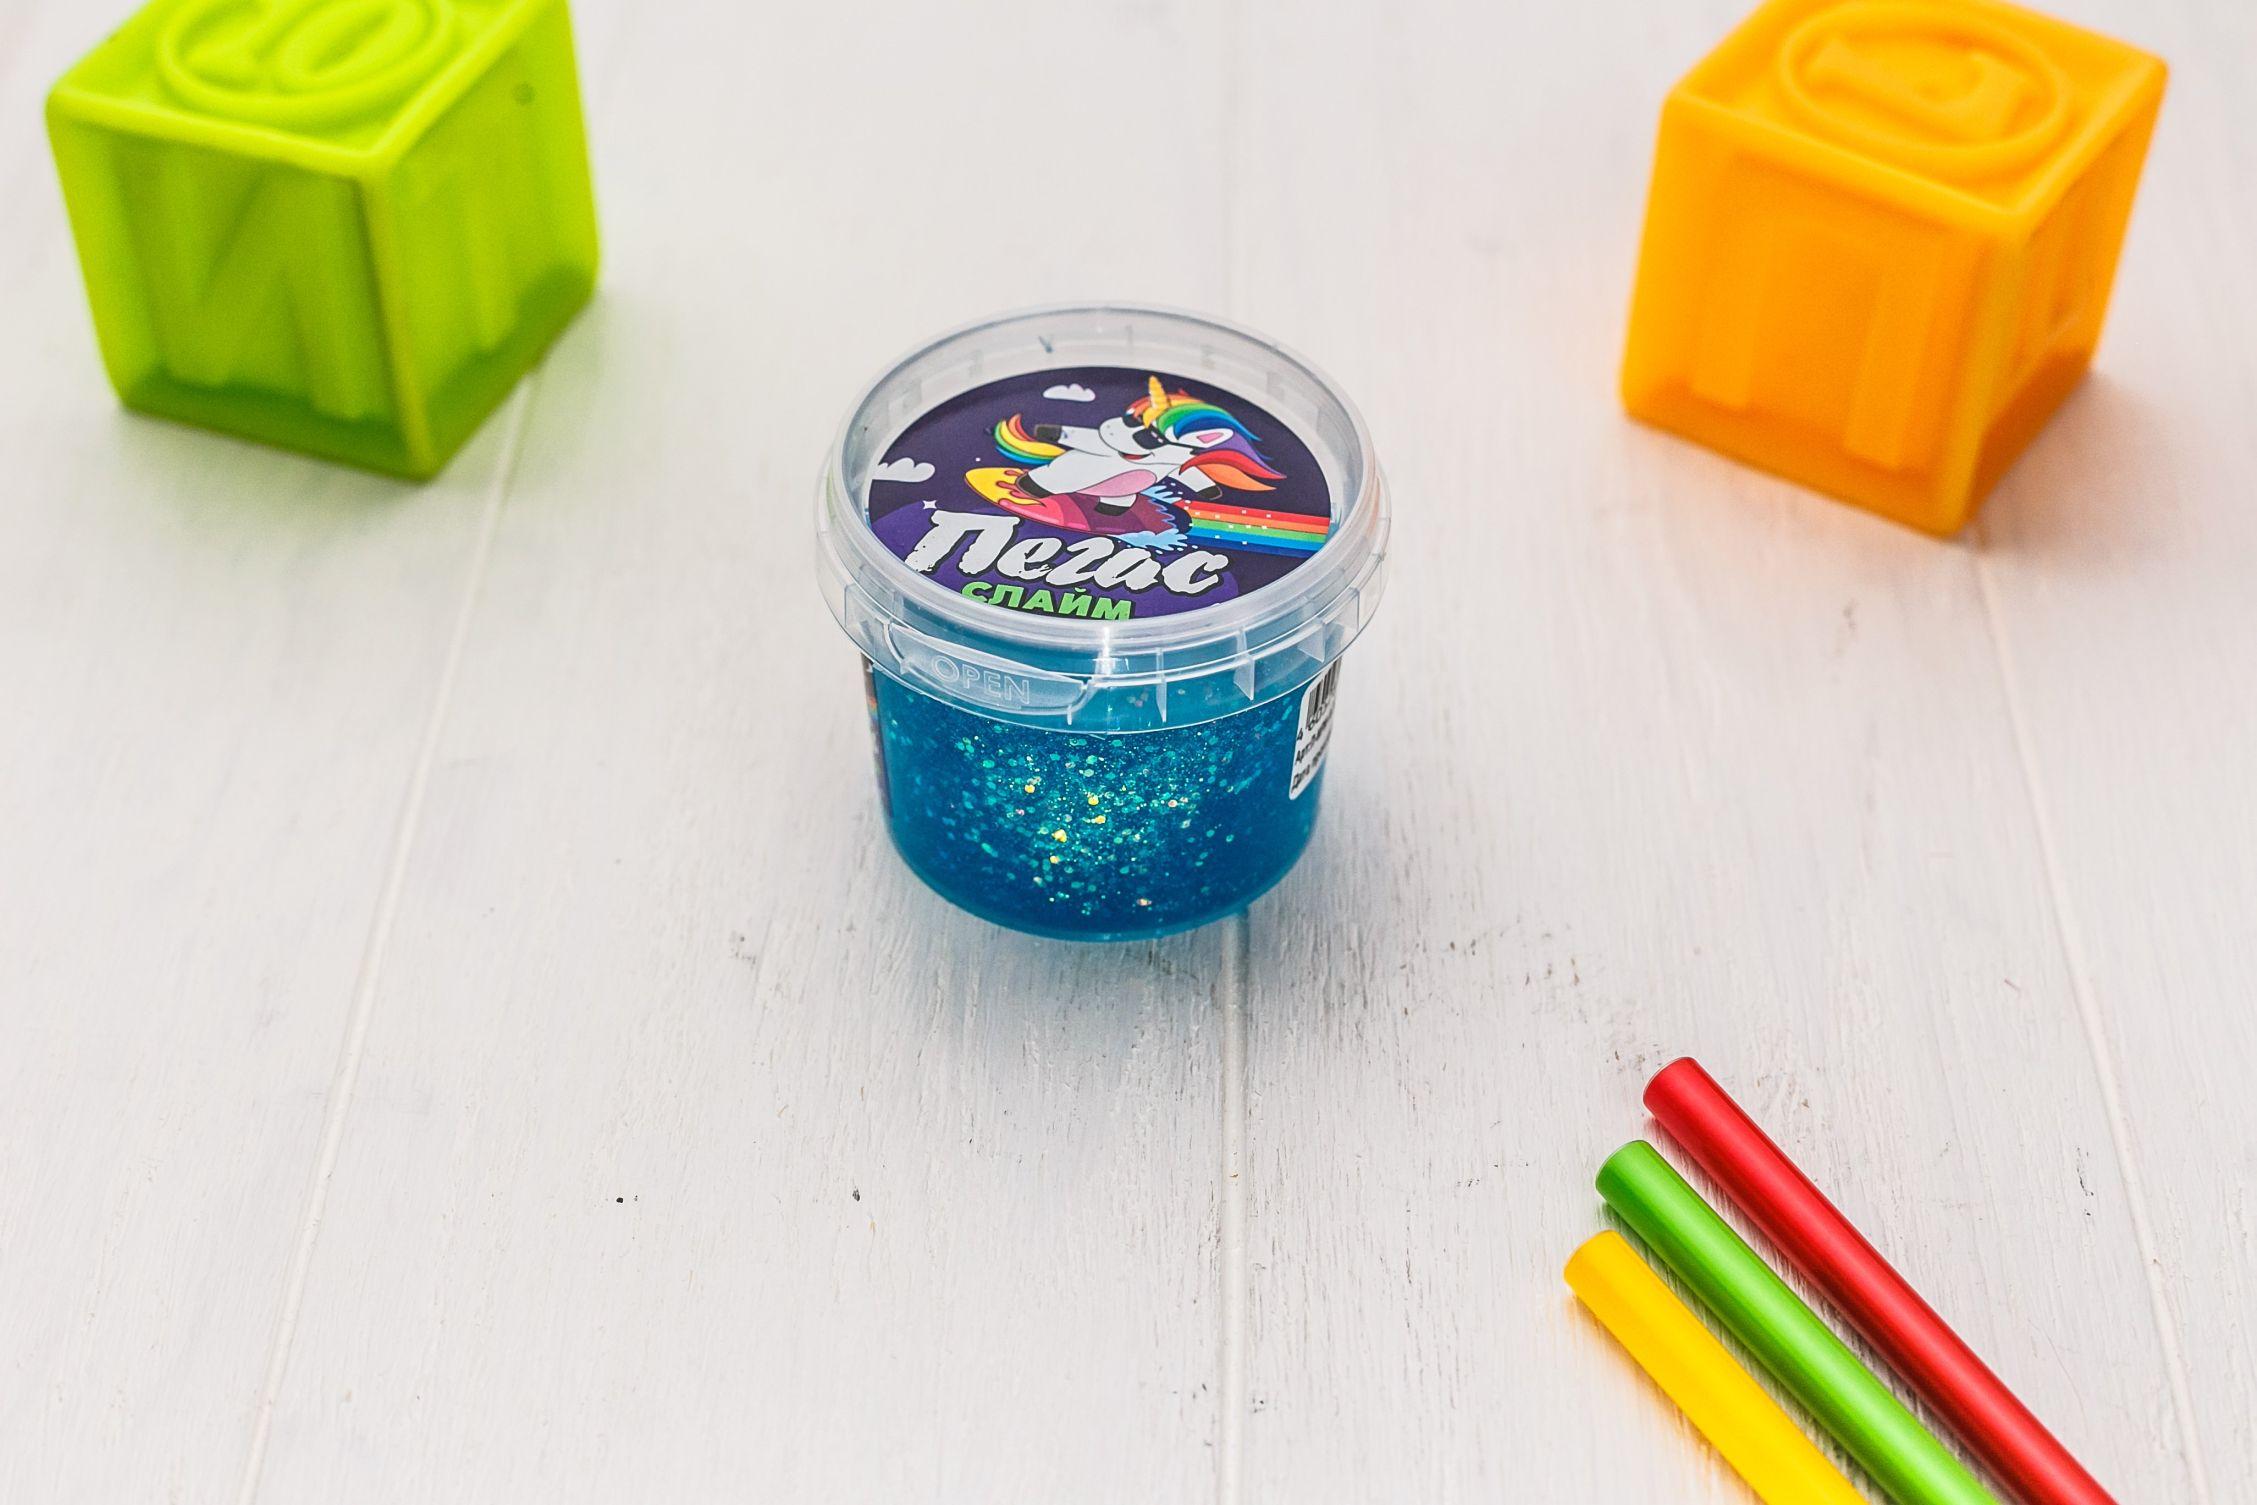 Слайм Прихлоп Slime 90гр пегас синий битое стекло